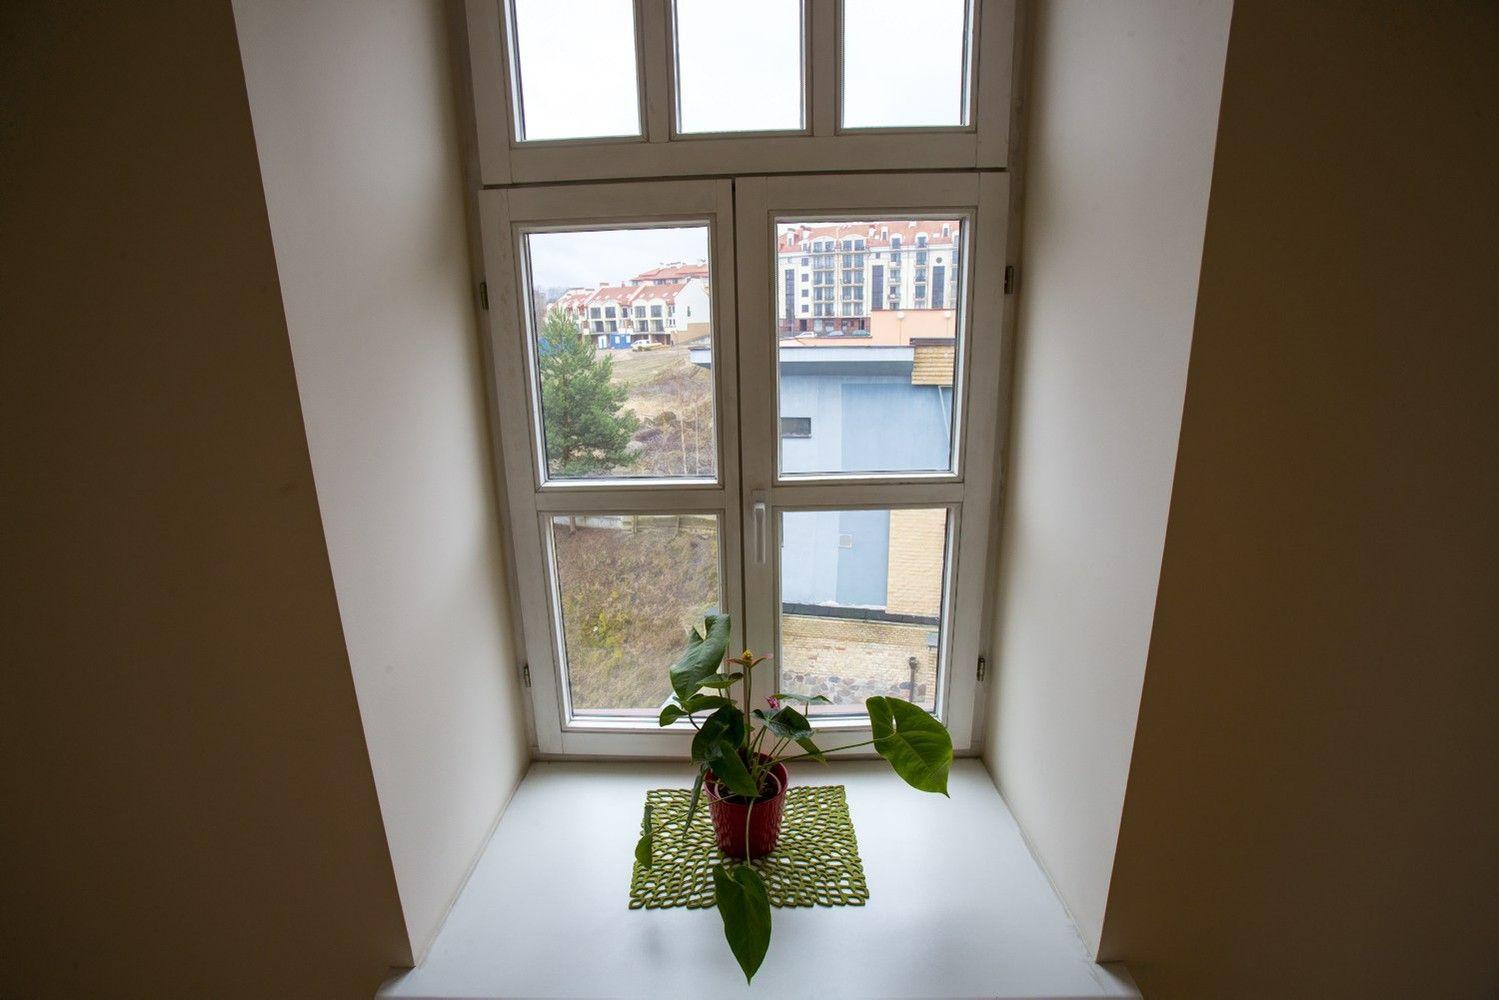 VilniečiaiSantariškėse įspėjami užsidaryti langus, bendrovė užteršė aplinką